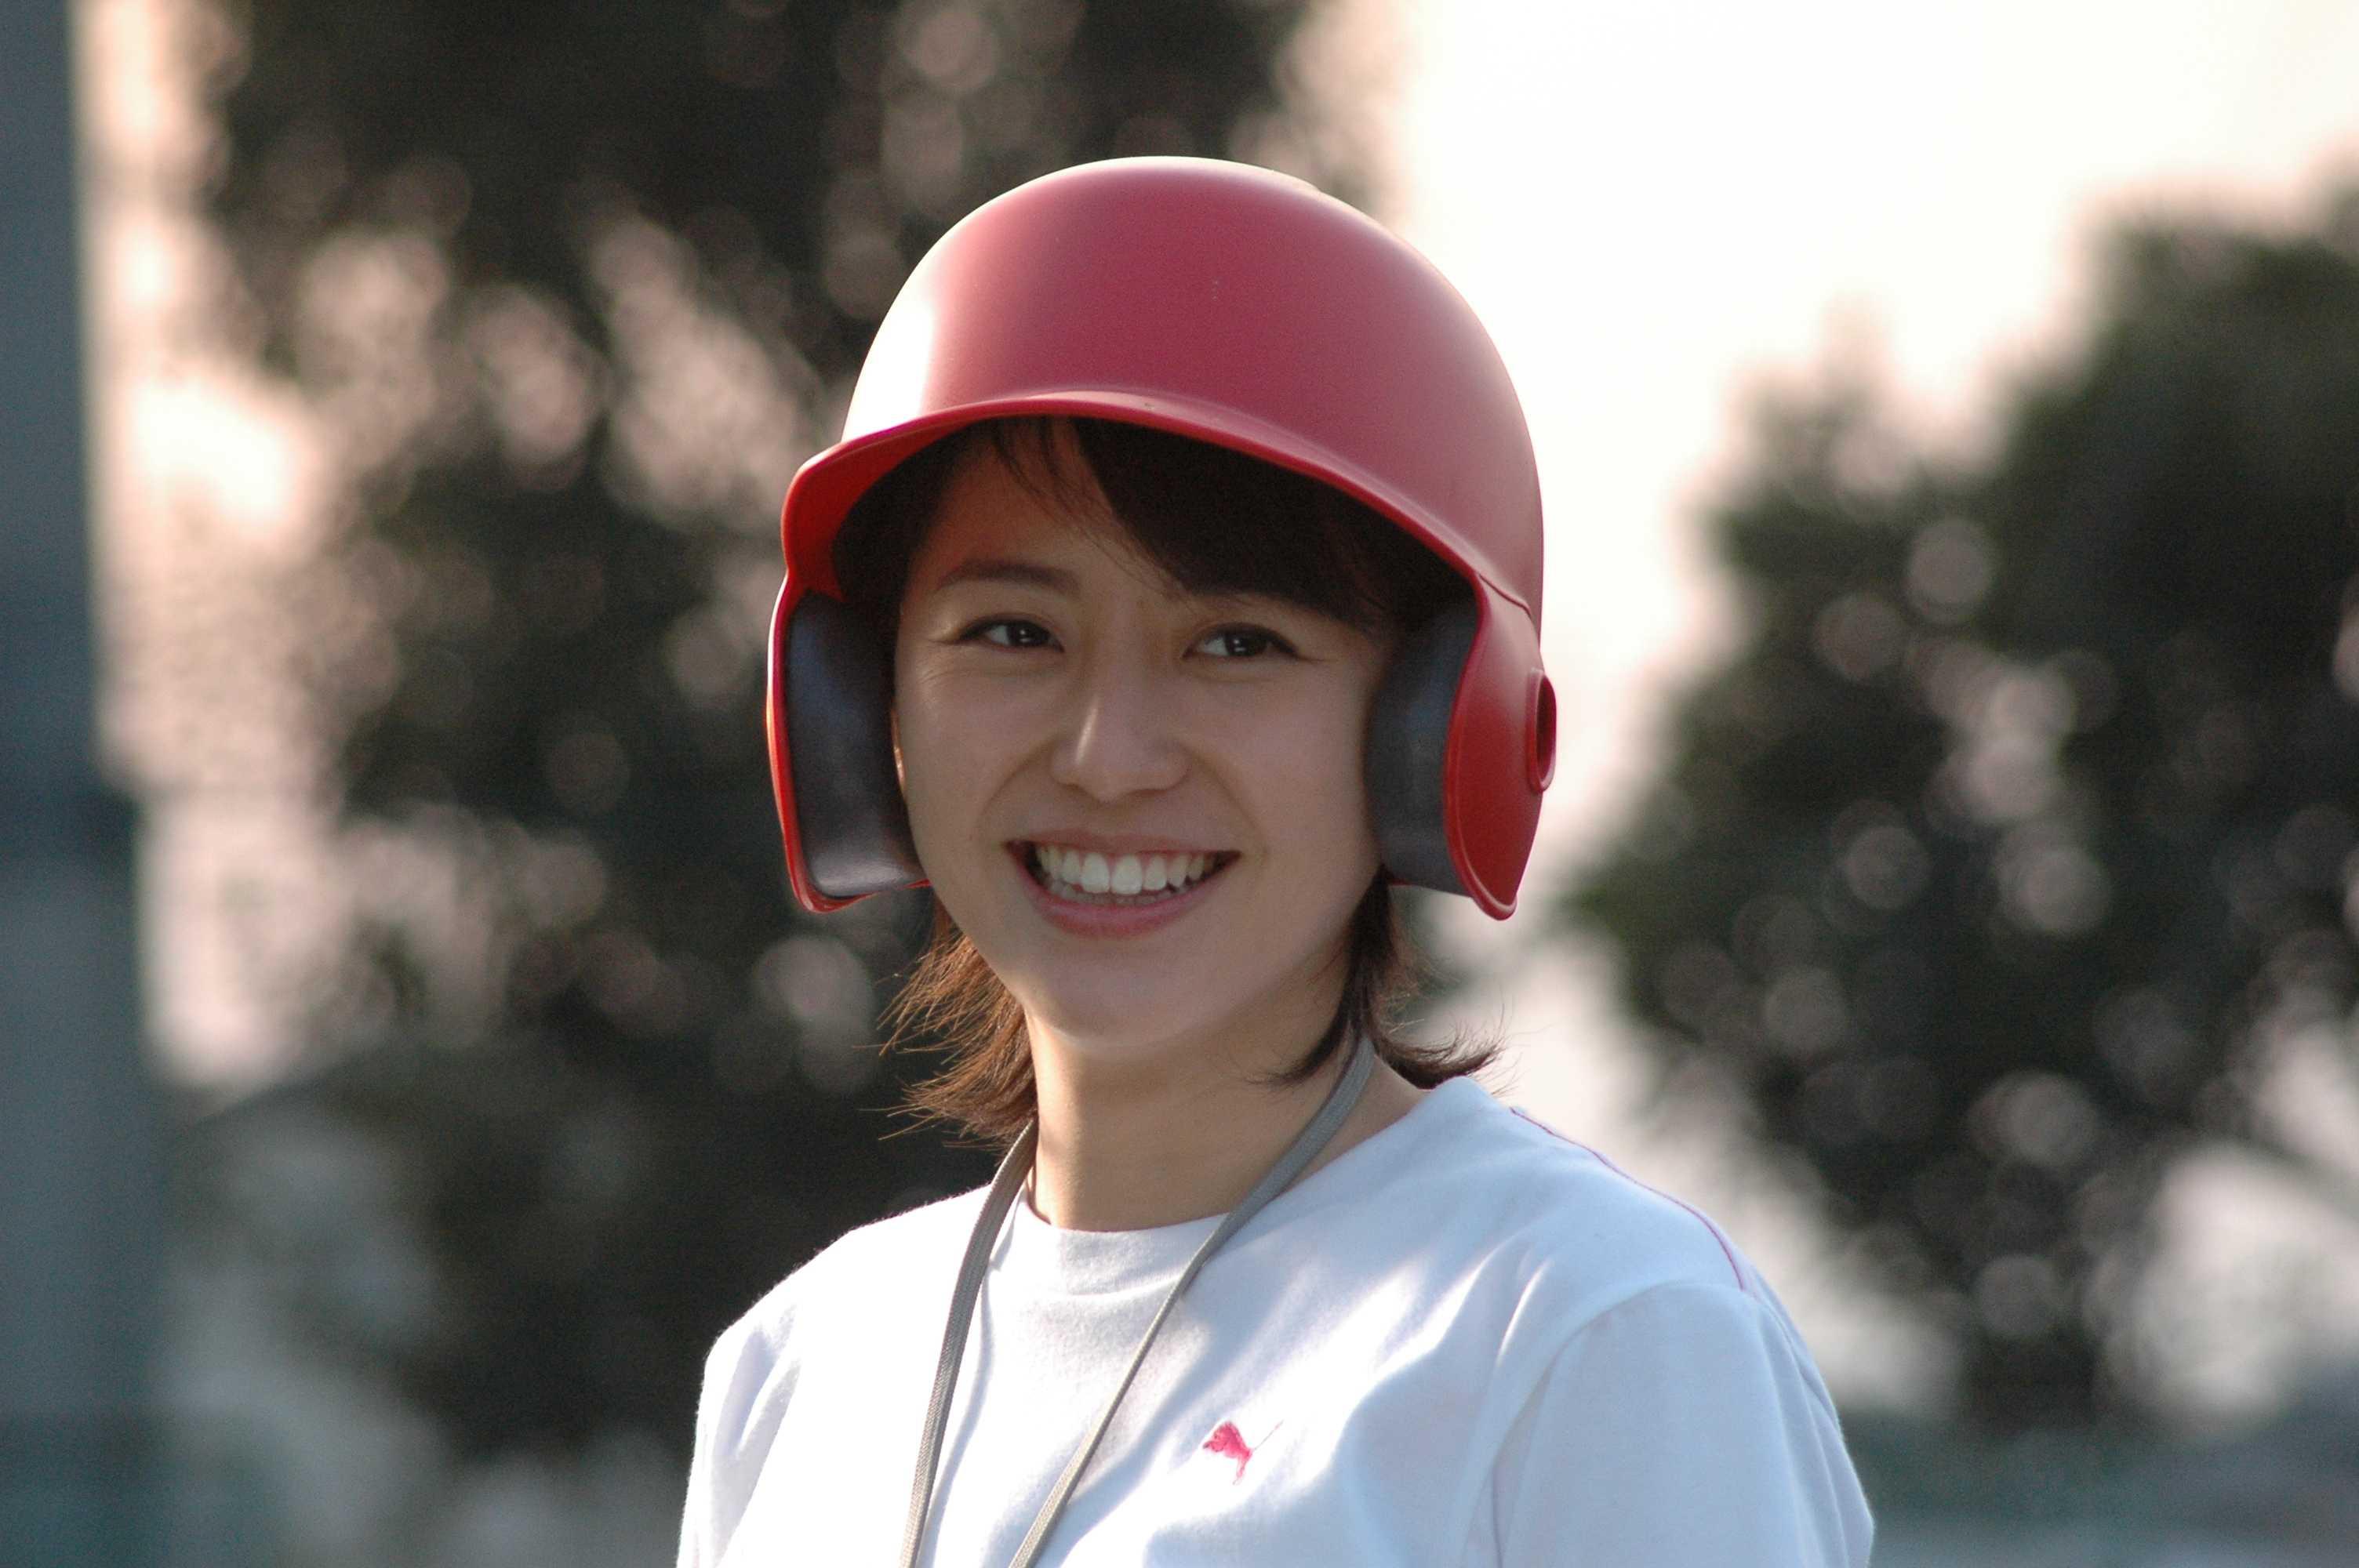 Hậu trường - Shinji Kagawa 'Ăn cơm tàu, cưới vợ Nhật' (Hình 6).